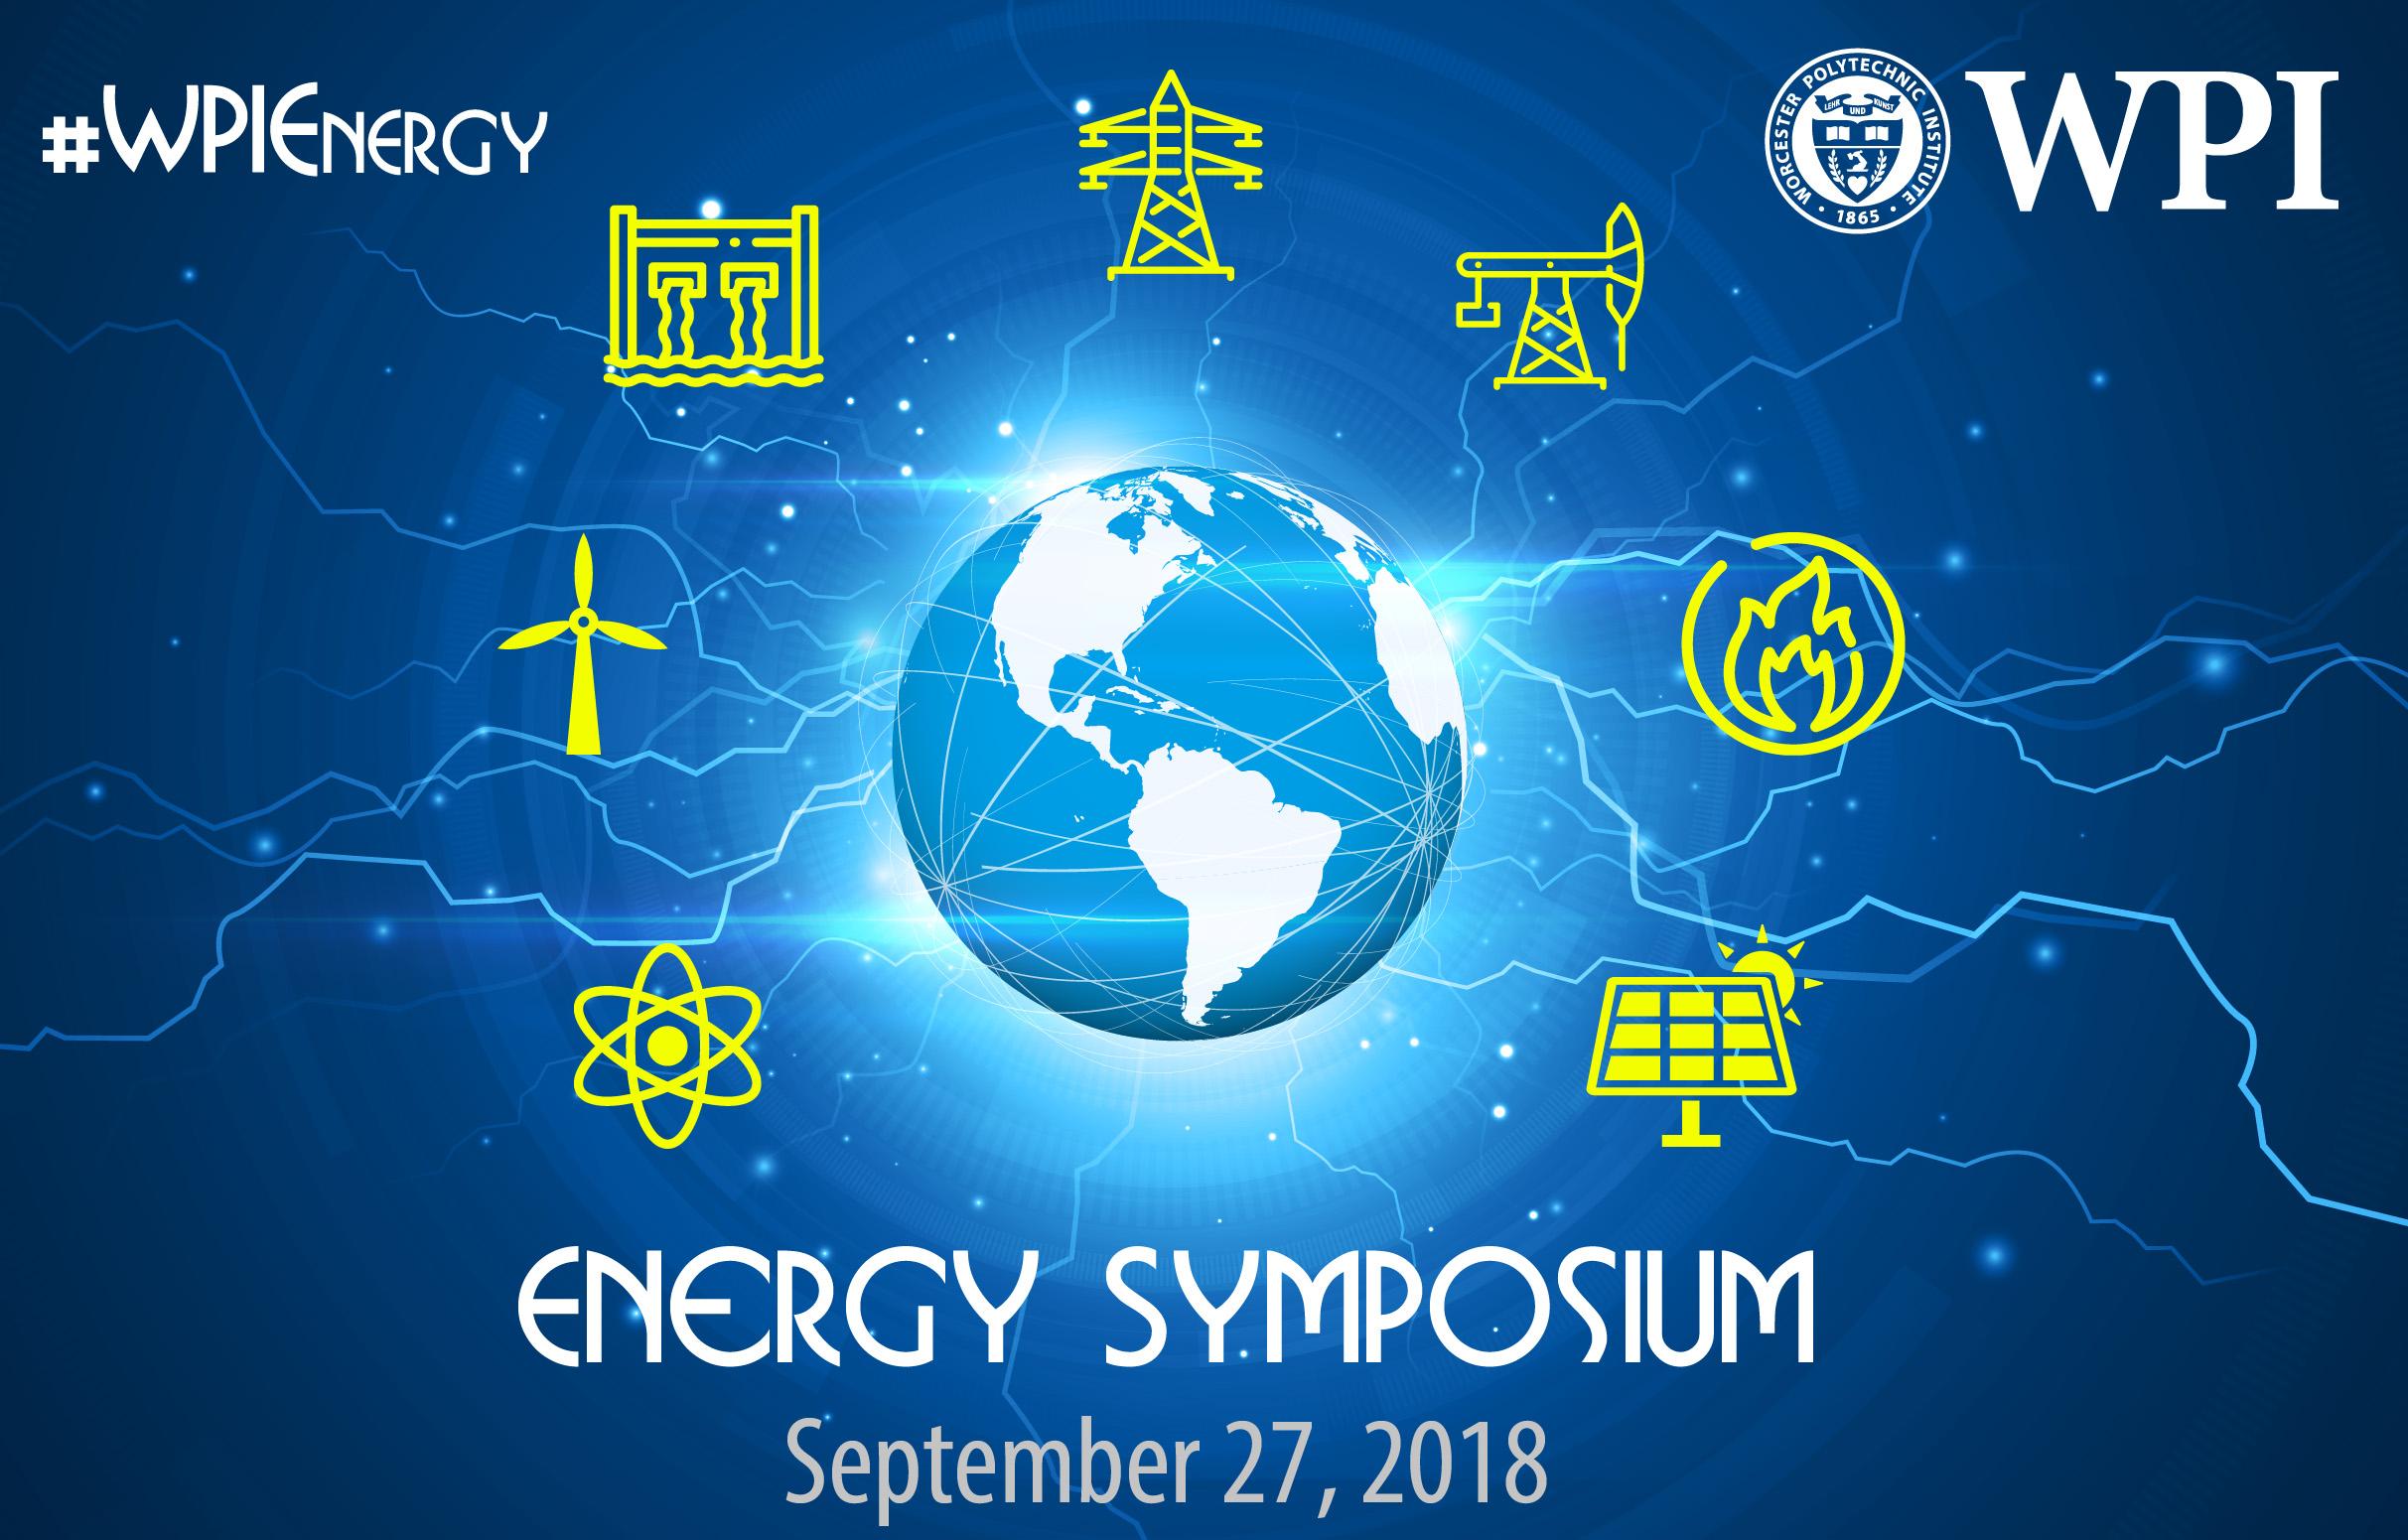 wpi s 8th annual energy symposium events calendar news wpi